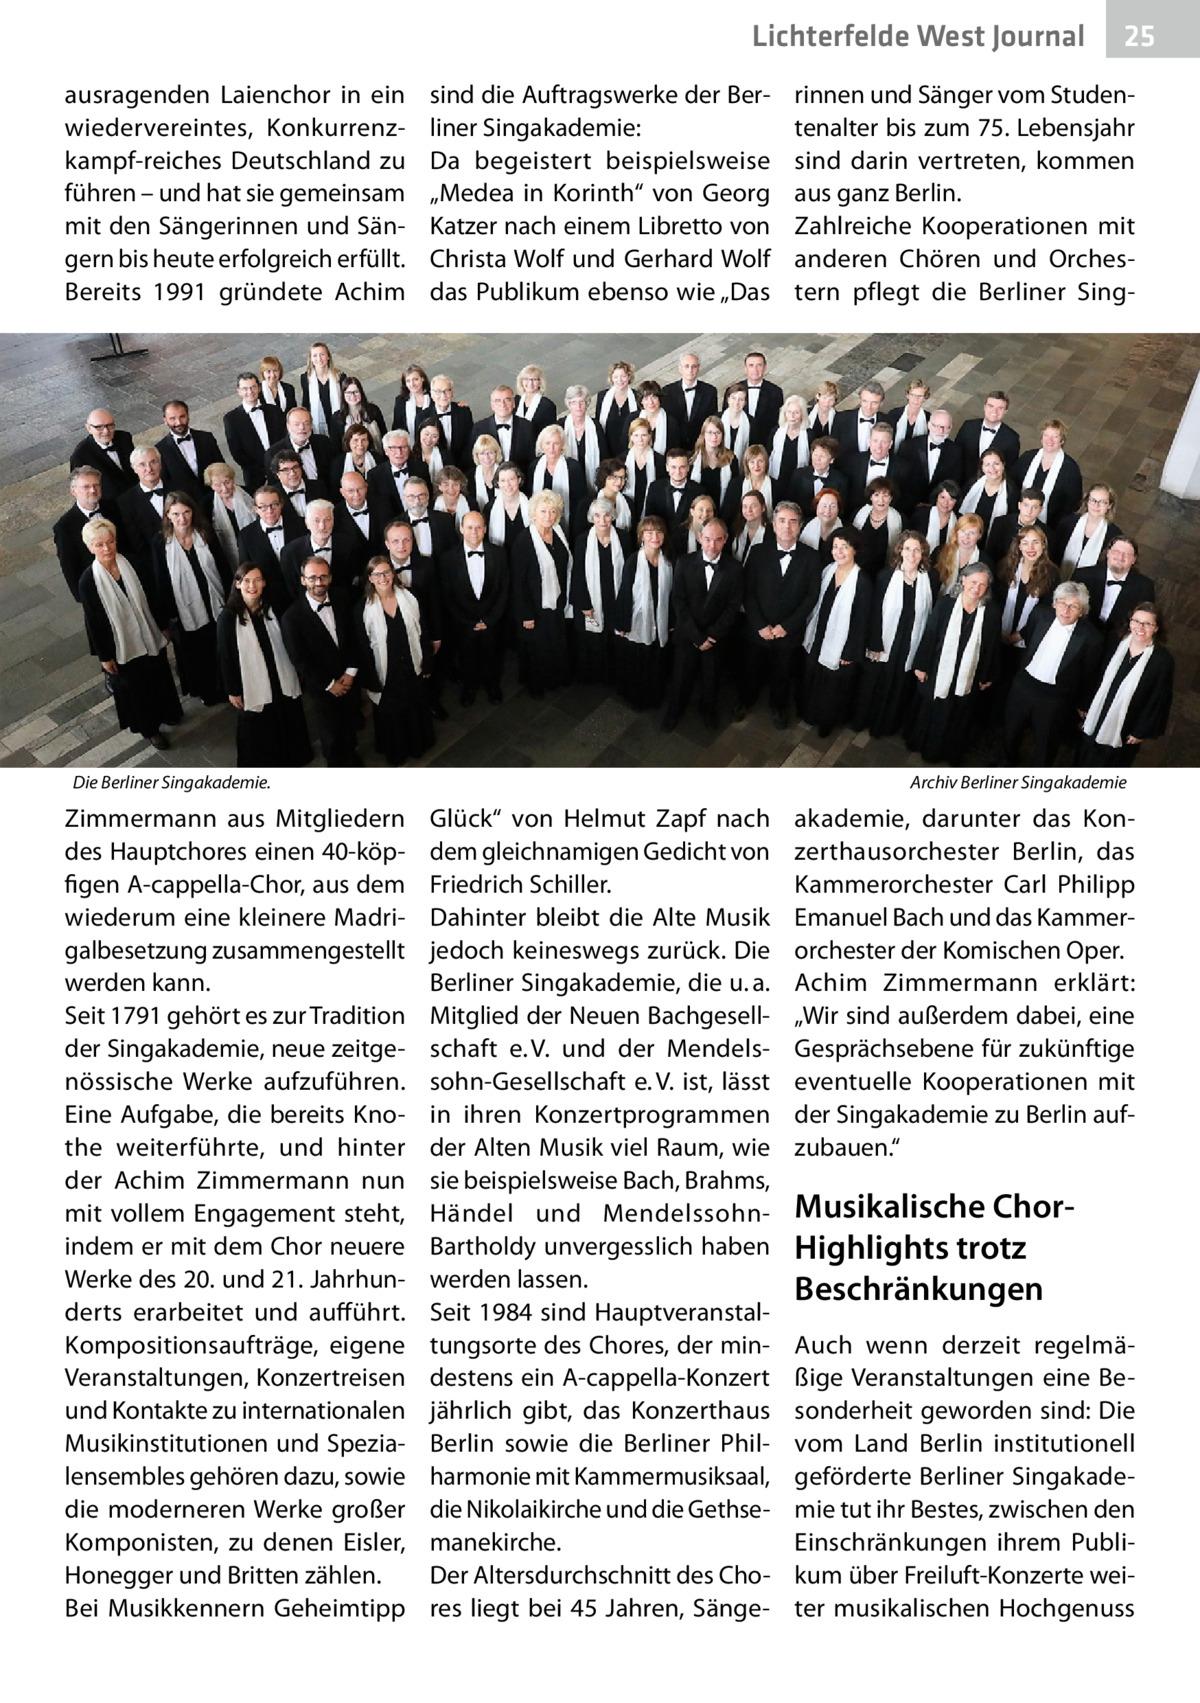 """Lichterfelde West Journal ausragenden Laienchor in ein wiedervereintes, Konkurrenzkampf-reiches Deutschland zu führen – und hat sie gemeinsam mit den Sängerinnen und Sängern bis heute erfolgreich erfüllt. Bereits 1991 gründete Achim  sind die Auftragswerke der Berliner Singakademie: Da begeistert beispielsweise """"Medea in Korinth"""" von Georg Katzer nach einem Libretto von Christa Wolf und Gerhard Wolf das Publikum ebenso wie """"Das  Die Berliner Singakademie.�  Zimmermann aus Mitgliedern des Hauptchores einen 40-köpfigen A-cappella-Chor, aus dem wiederum eine kleinere Madrigalbesetzung zusammengestellt werden kann. Seit 1791 gehört es zur Tradition der Singakademie, neue zeitgenössische Werke aufzuführen. Eine Aufgabe, die bereits Knothe weiterführte, und hinter der Achim Zimmermann nun mit vollem Engagement steht, indem er mit dem Chor neuere Werke des 20. und 21.Jahrhunderts erarbeitet und aufführt. Kompositionsaufträge, eigene Veranstaltungen, Konzertreisen und Kontakte zu internationalen Musikinstitutionen und Spezialensembles gehören dazu, sowie die moderneren Werke großer Komponisten, zu denen Eisler, Honegger und Britten zählen. Bei Musikkennern Geheimtipp  25 25  rinnen und Sänger vom Studentenalter bis zum 75. Lebensjahr sind darin vertreten, kommen aus ganz Berlin. Zahlreiche Kooperationen mit anderen Chören und Orchestern pflegt die Berliner Sing Archiv Berliner Singakademie  Glück"""" von Helmut Zapf nach dem gleichnamigen Gedicht von Friedrich Schiller. Dahinter bleibt die Alte Musik jedoch keineswegs zurück. Die Berliner Singakademie, die u.a. Mitglied der Neuen Bachgesellschaft e.V. und der Mendelssohn-Gesellschaft e.V. ist, lässt in ihren Konzertprogrammen der Alten Musik viel Raum, wie sie beispielsweise Bach, Brahms, Händel und MendelssohnBartholdy unvergesslich haben werden lassen. Seit 1984 sind Hauptveranstaltungsorte des Chores, der mindestens ein A-cappella-Konzert jährlich gibt, das Konzerthaus Berlin sowie die Berliner Philharmonie mit Kammermusiks"""